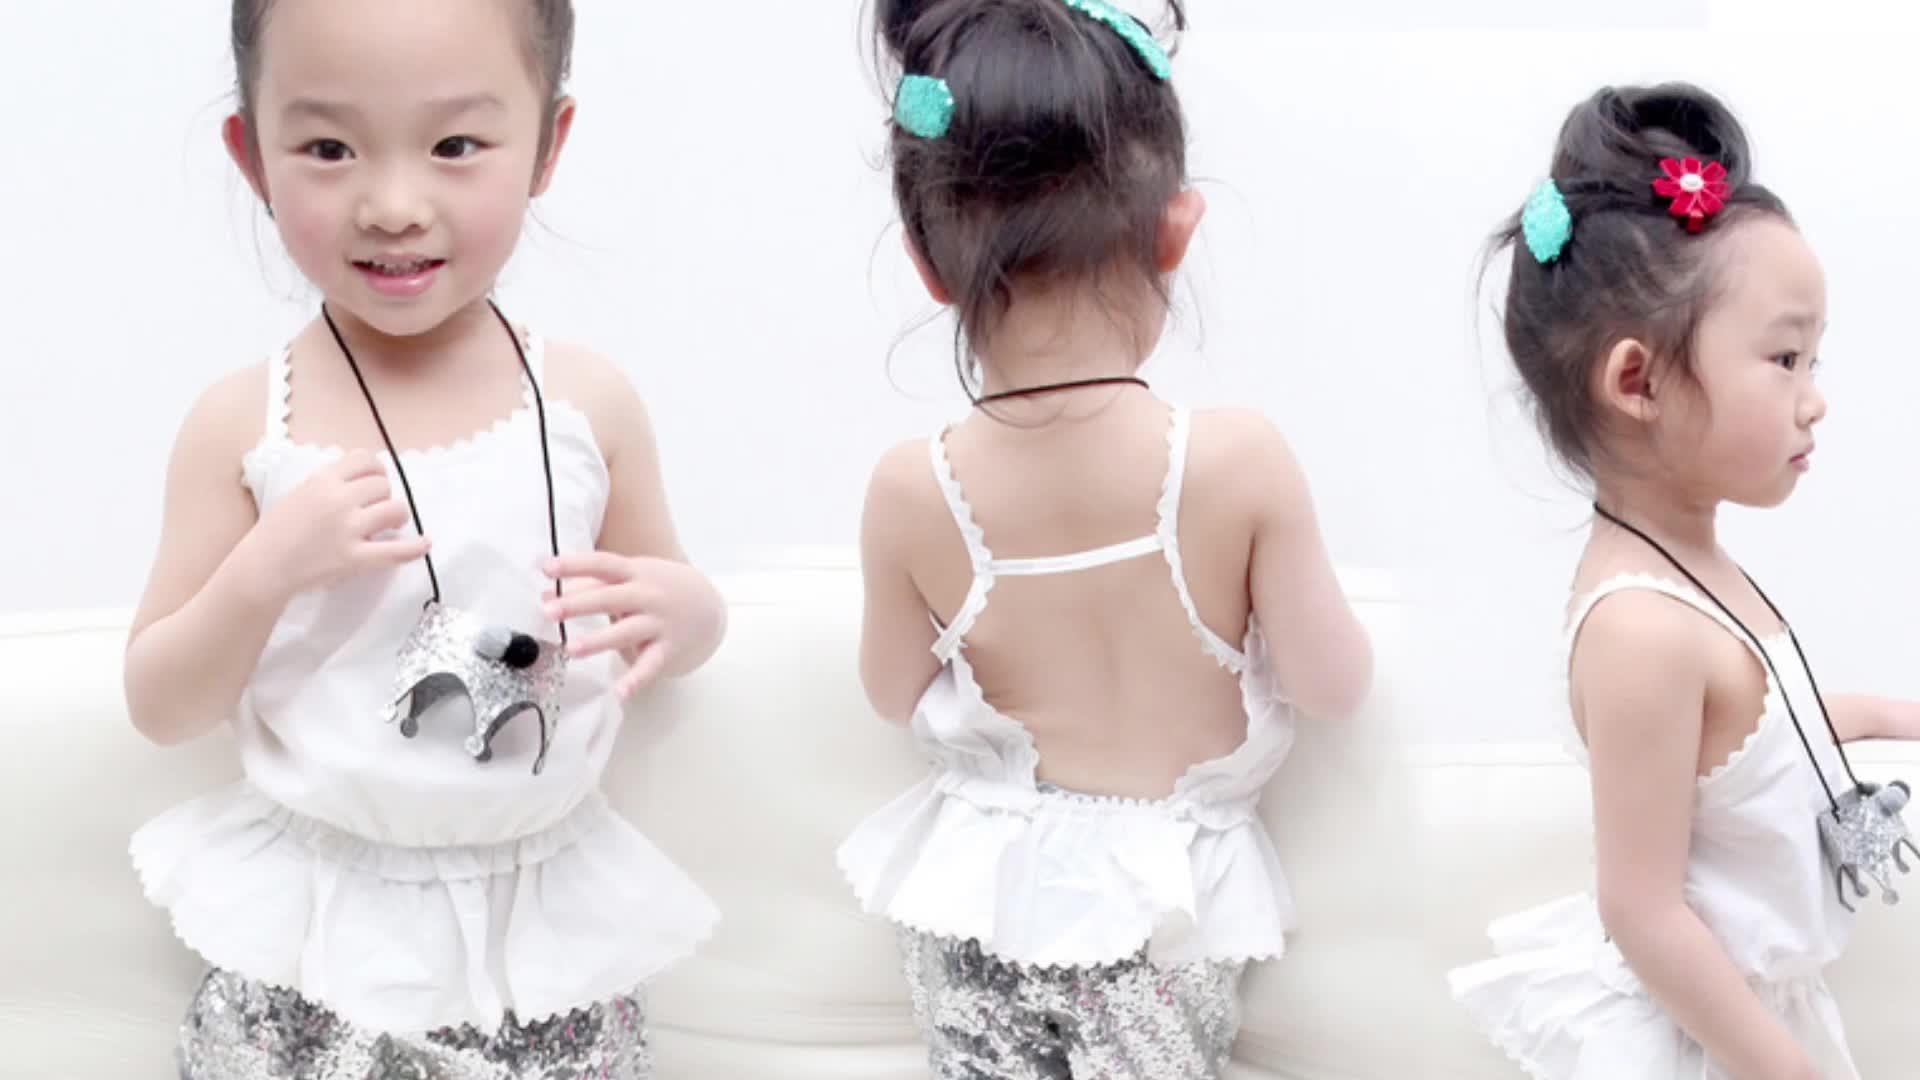 Sommerkinderbekleidungsdrucken beiläufige Mädchenoberseite u. Extravagante kurze Hosen 2PCS Kleidungssatz